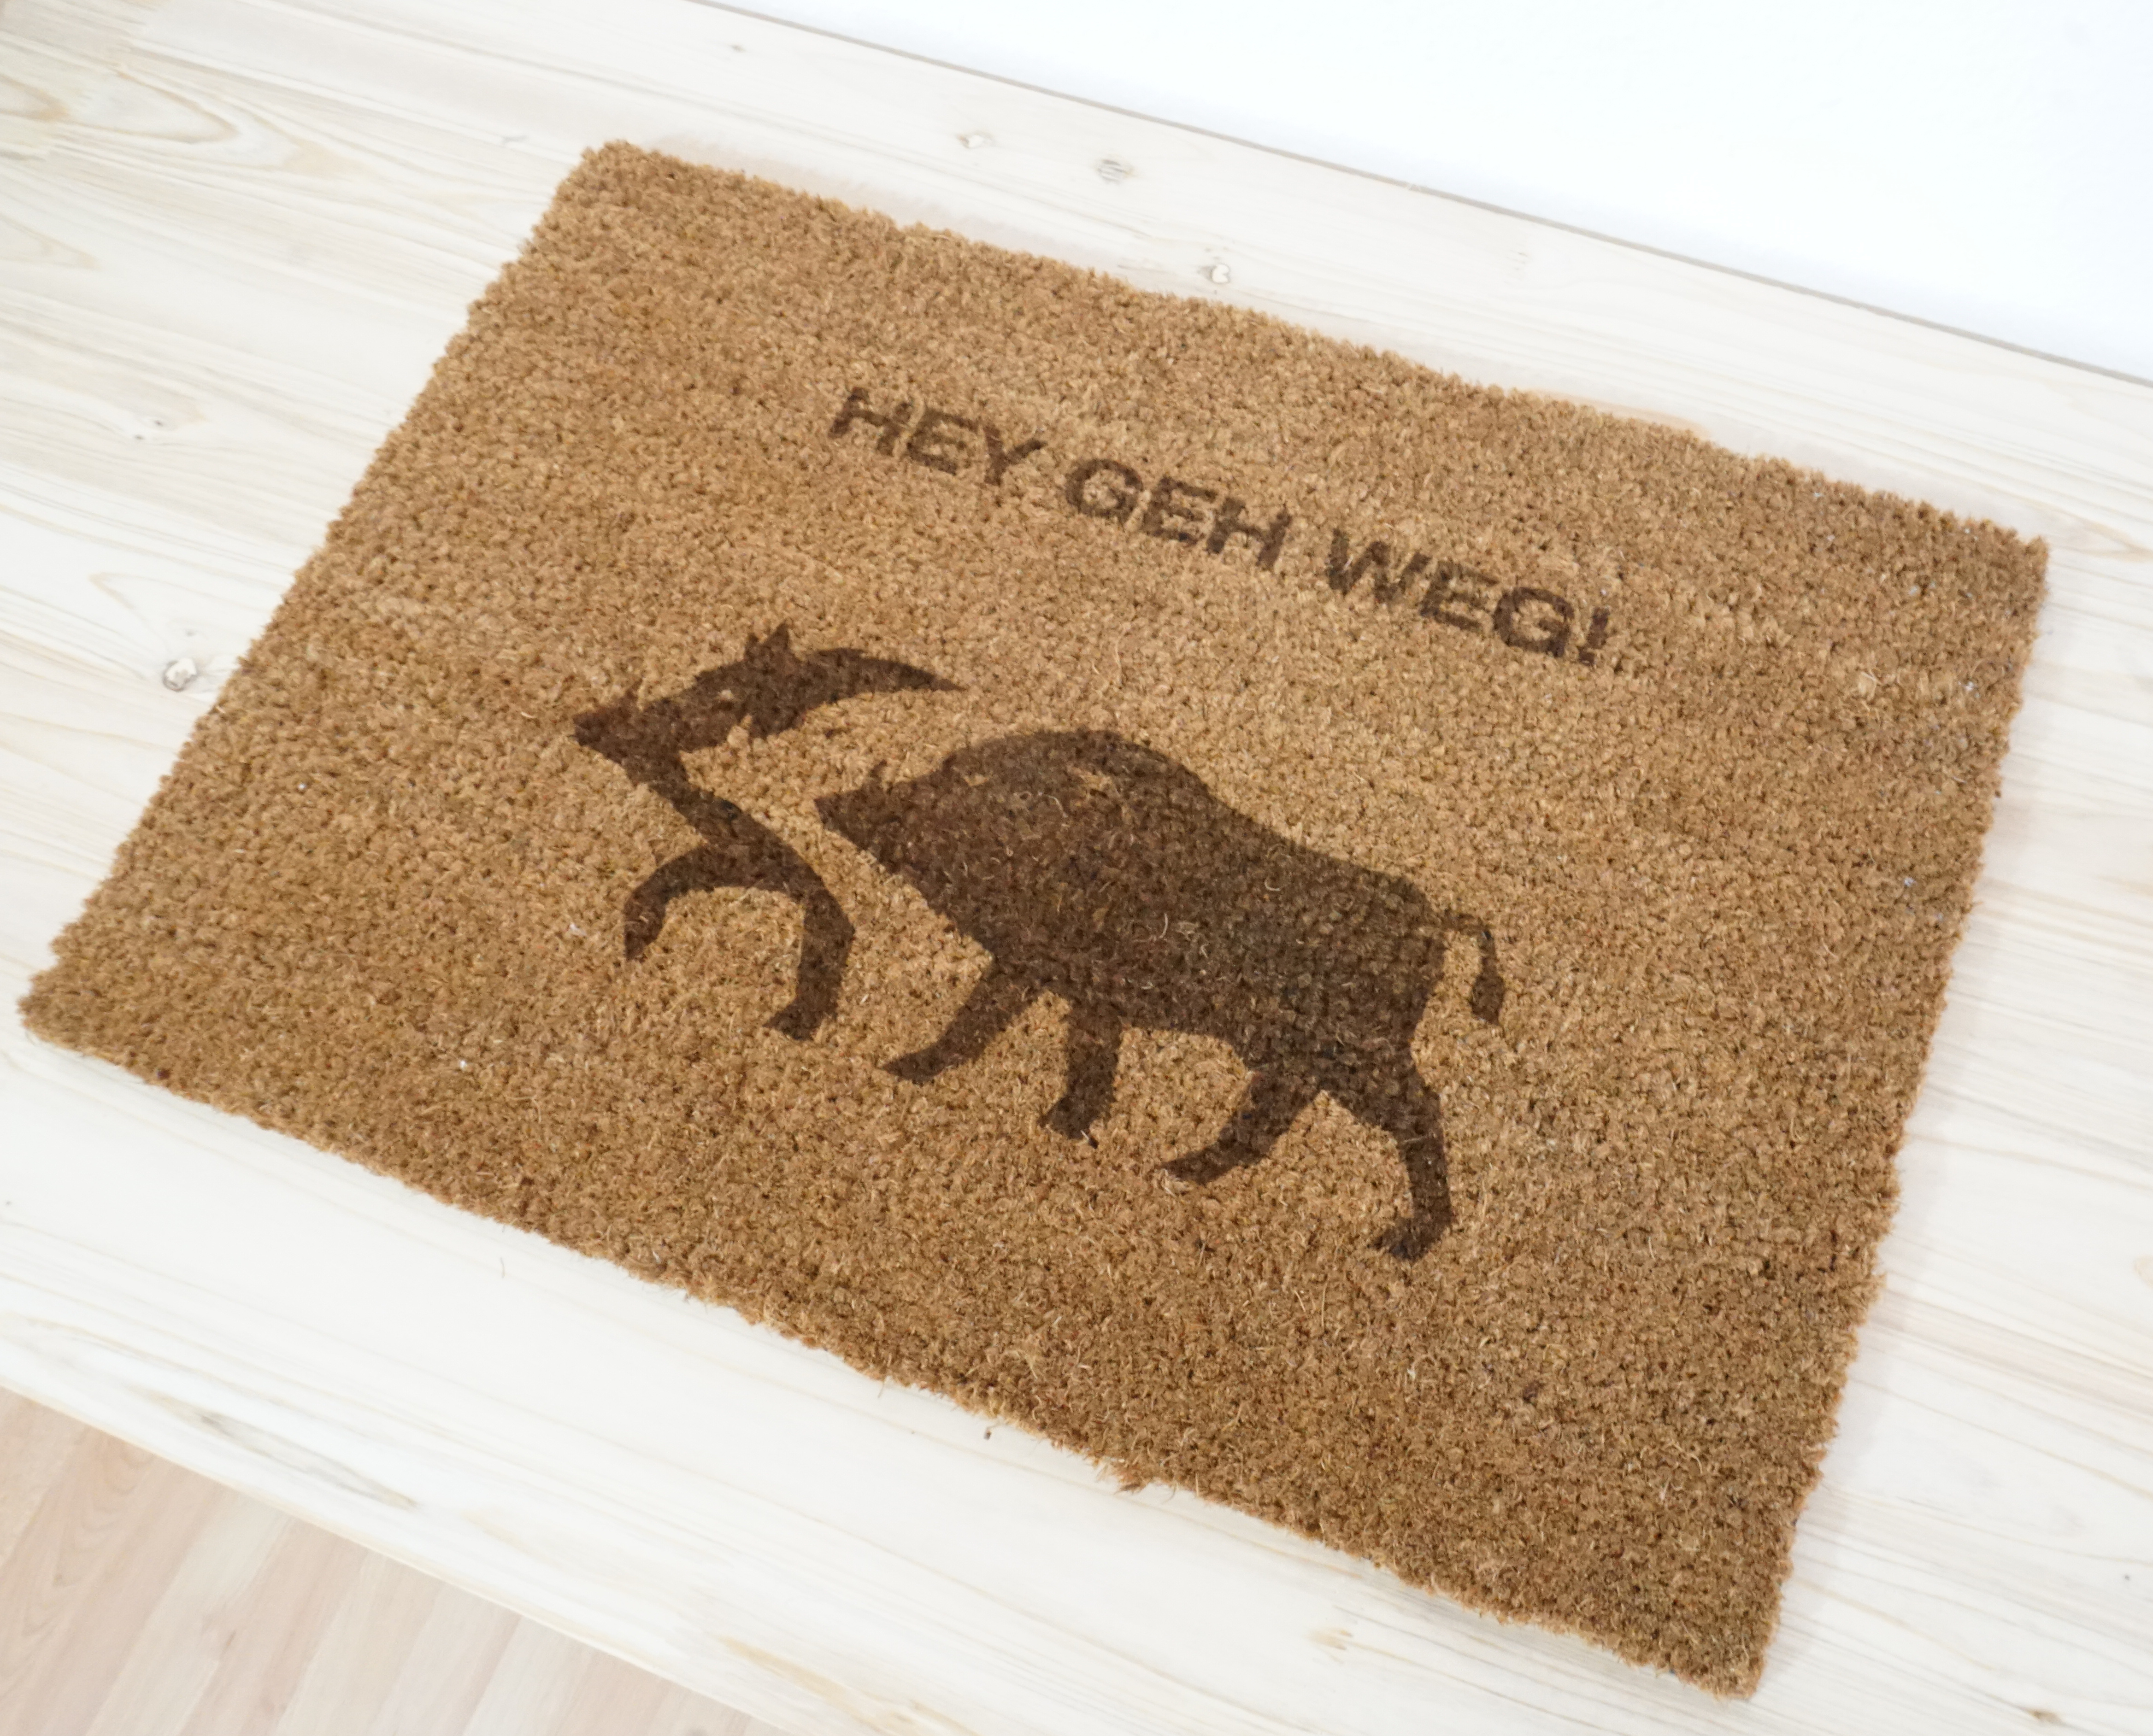 Fußmatte - HEY GEH WEG!